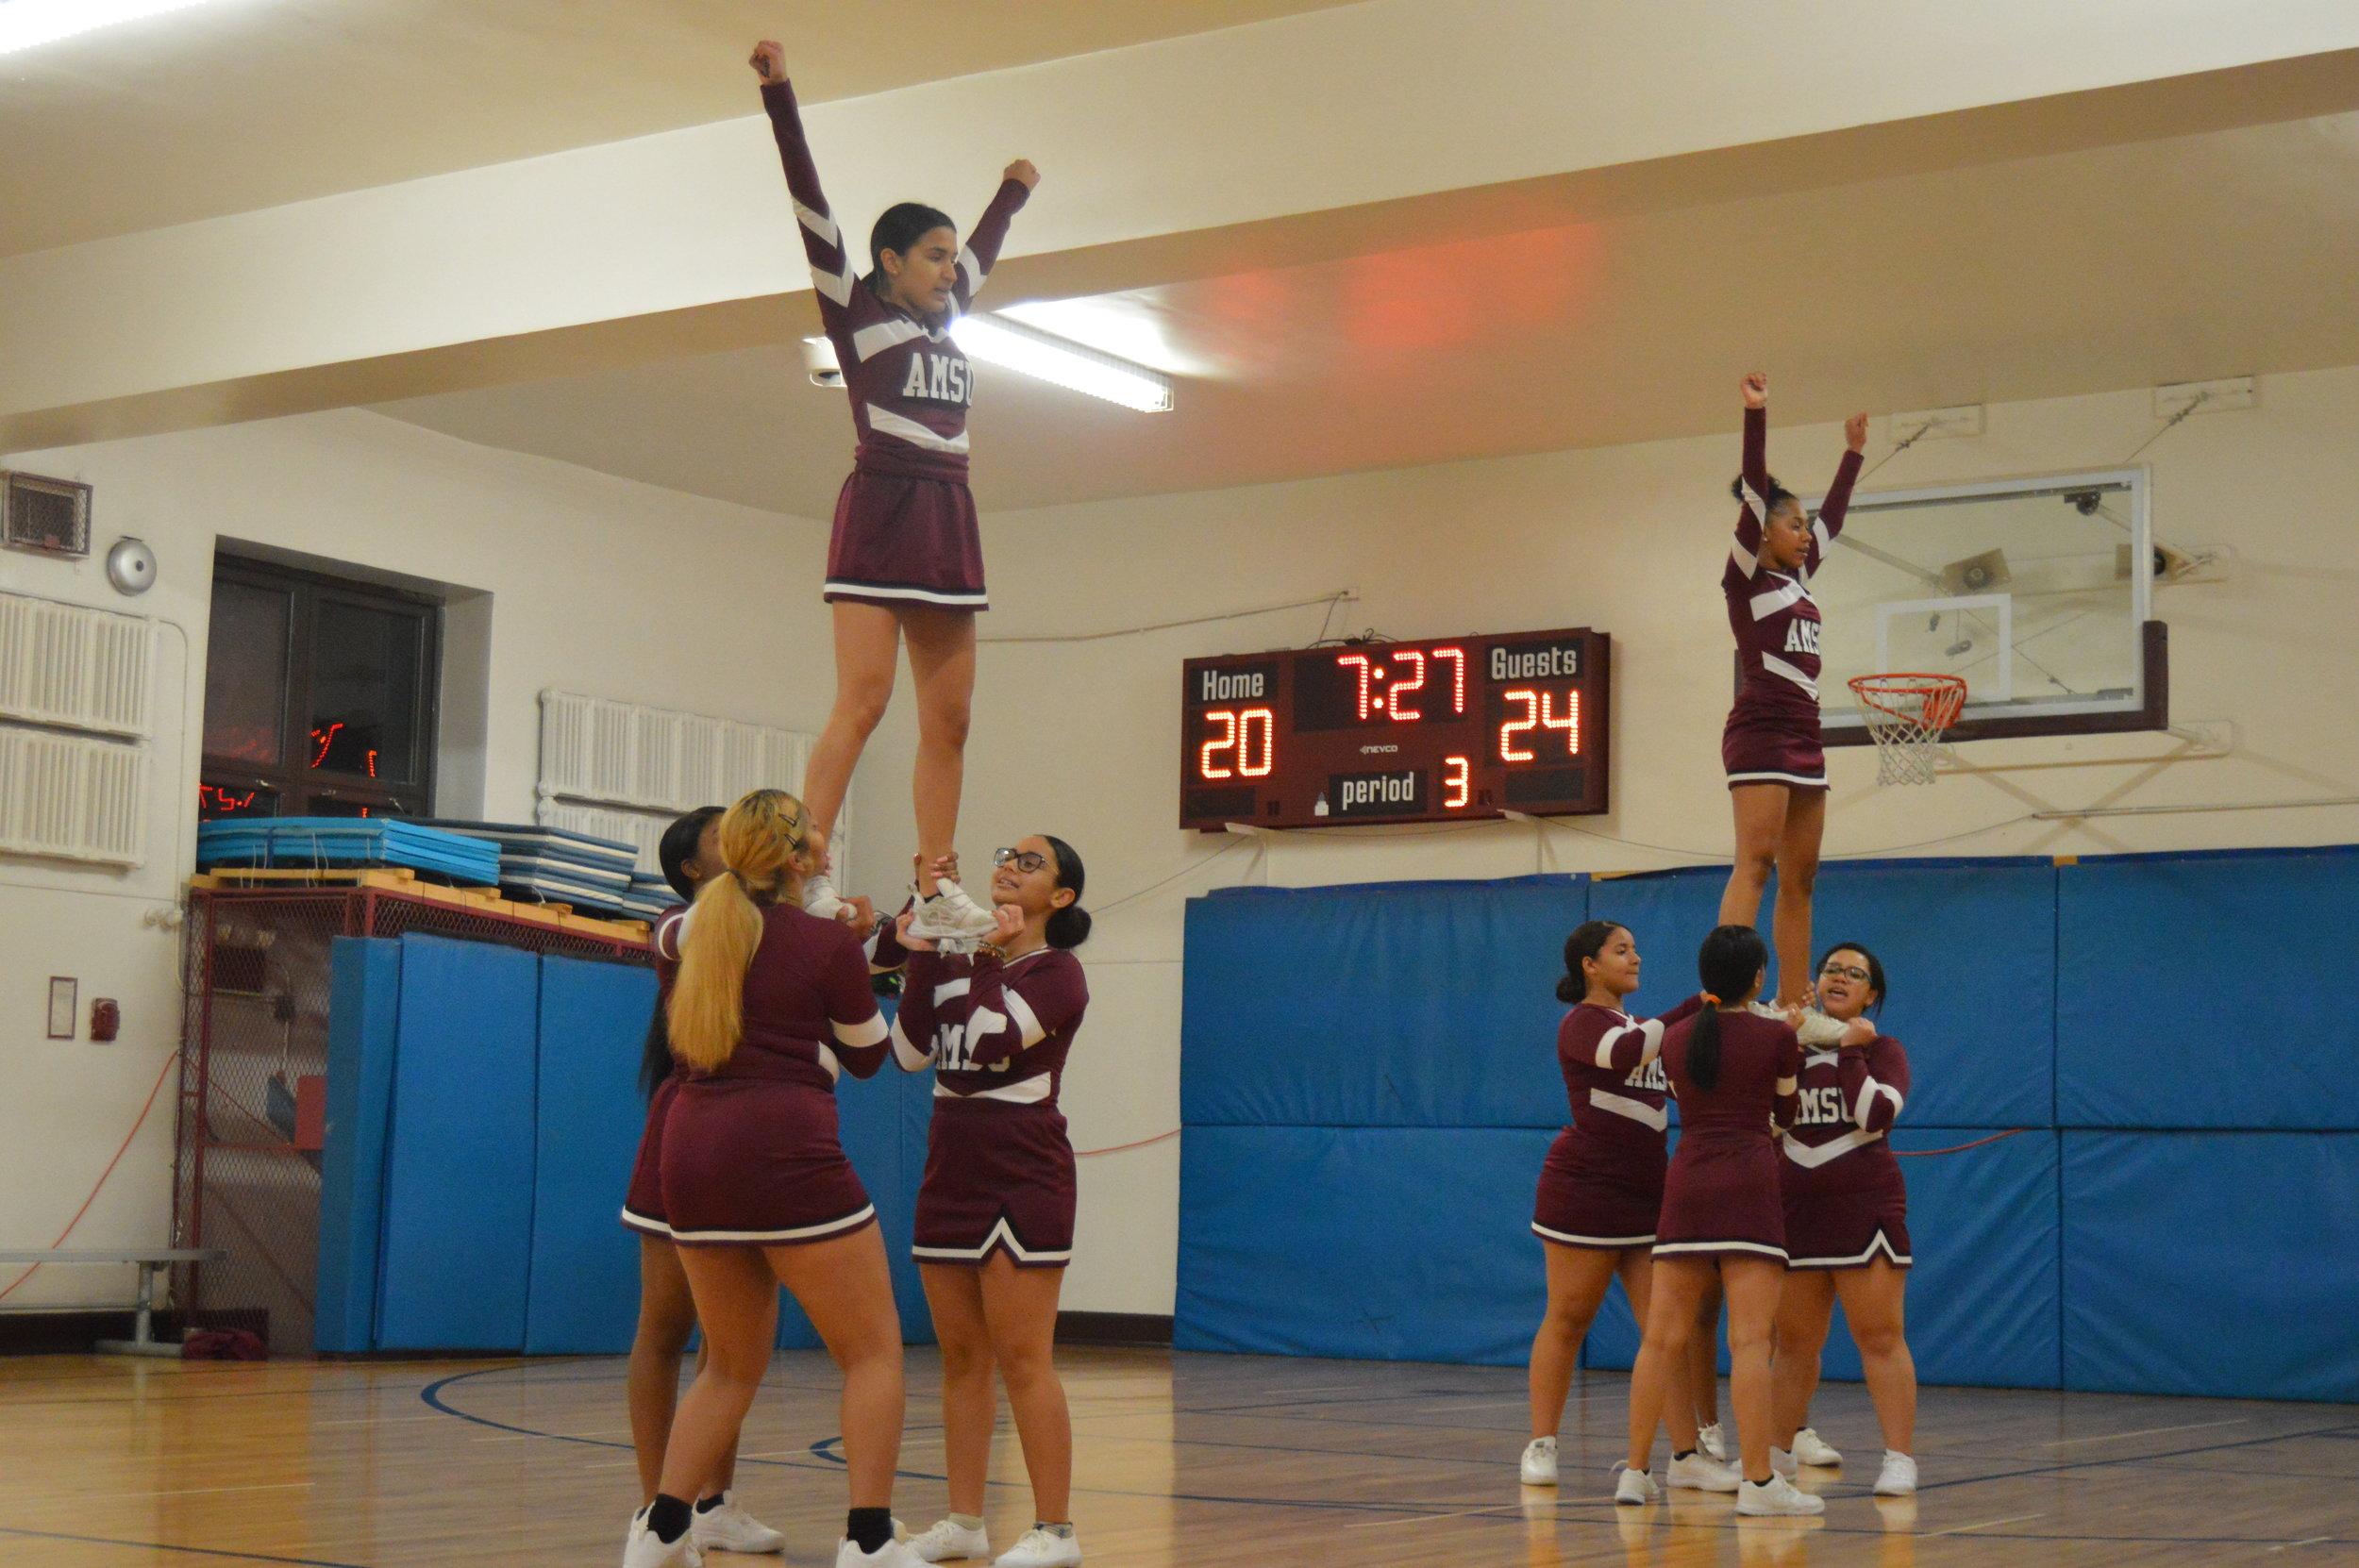 cheer_stunt.JPG